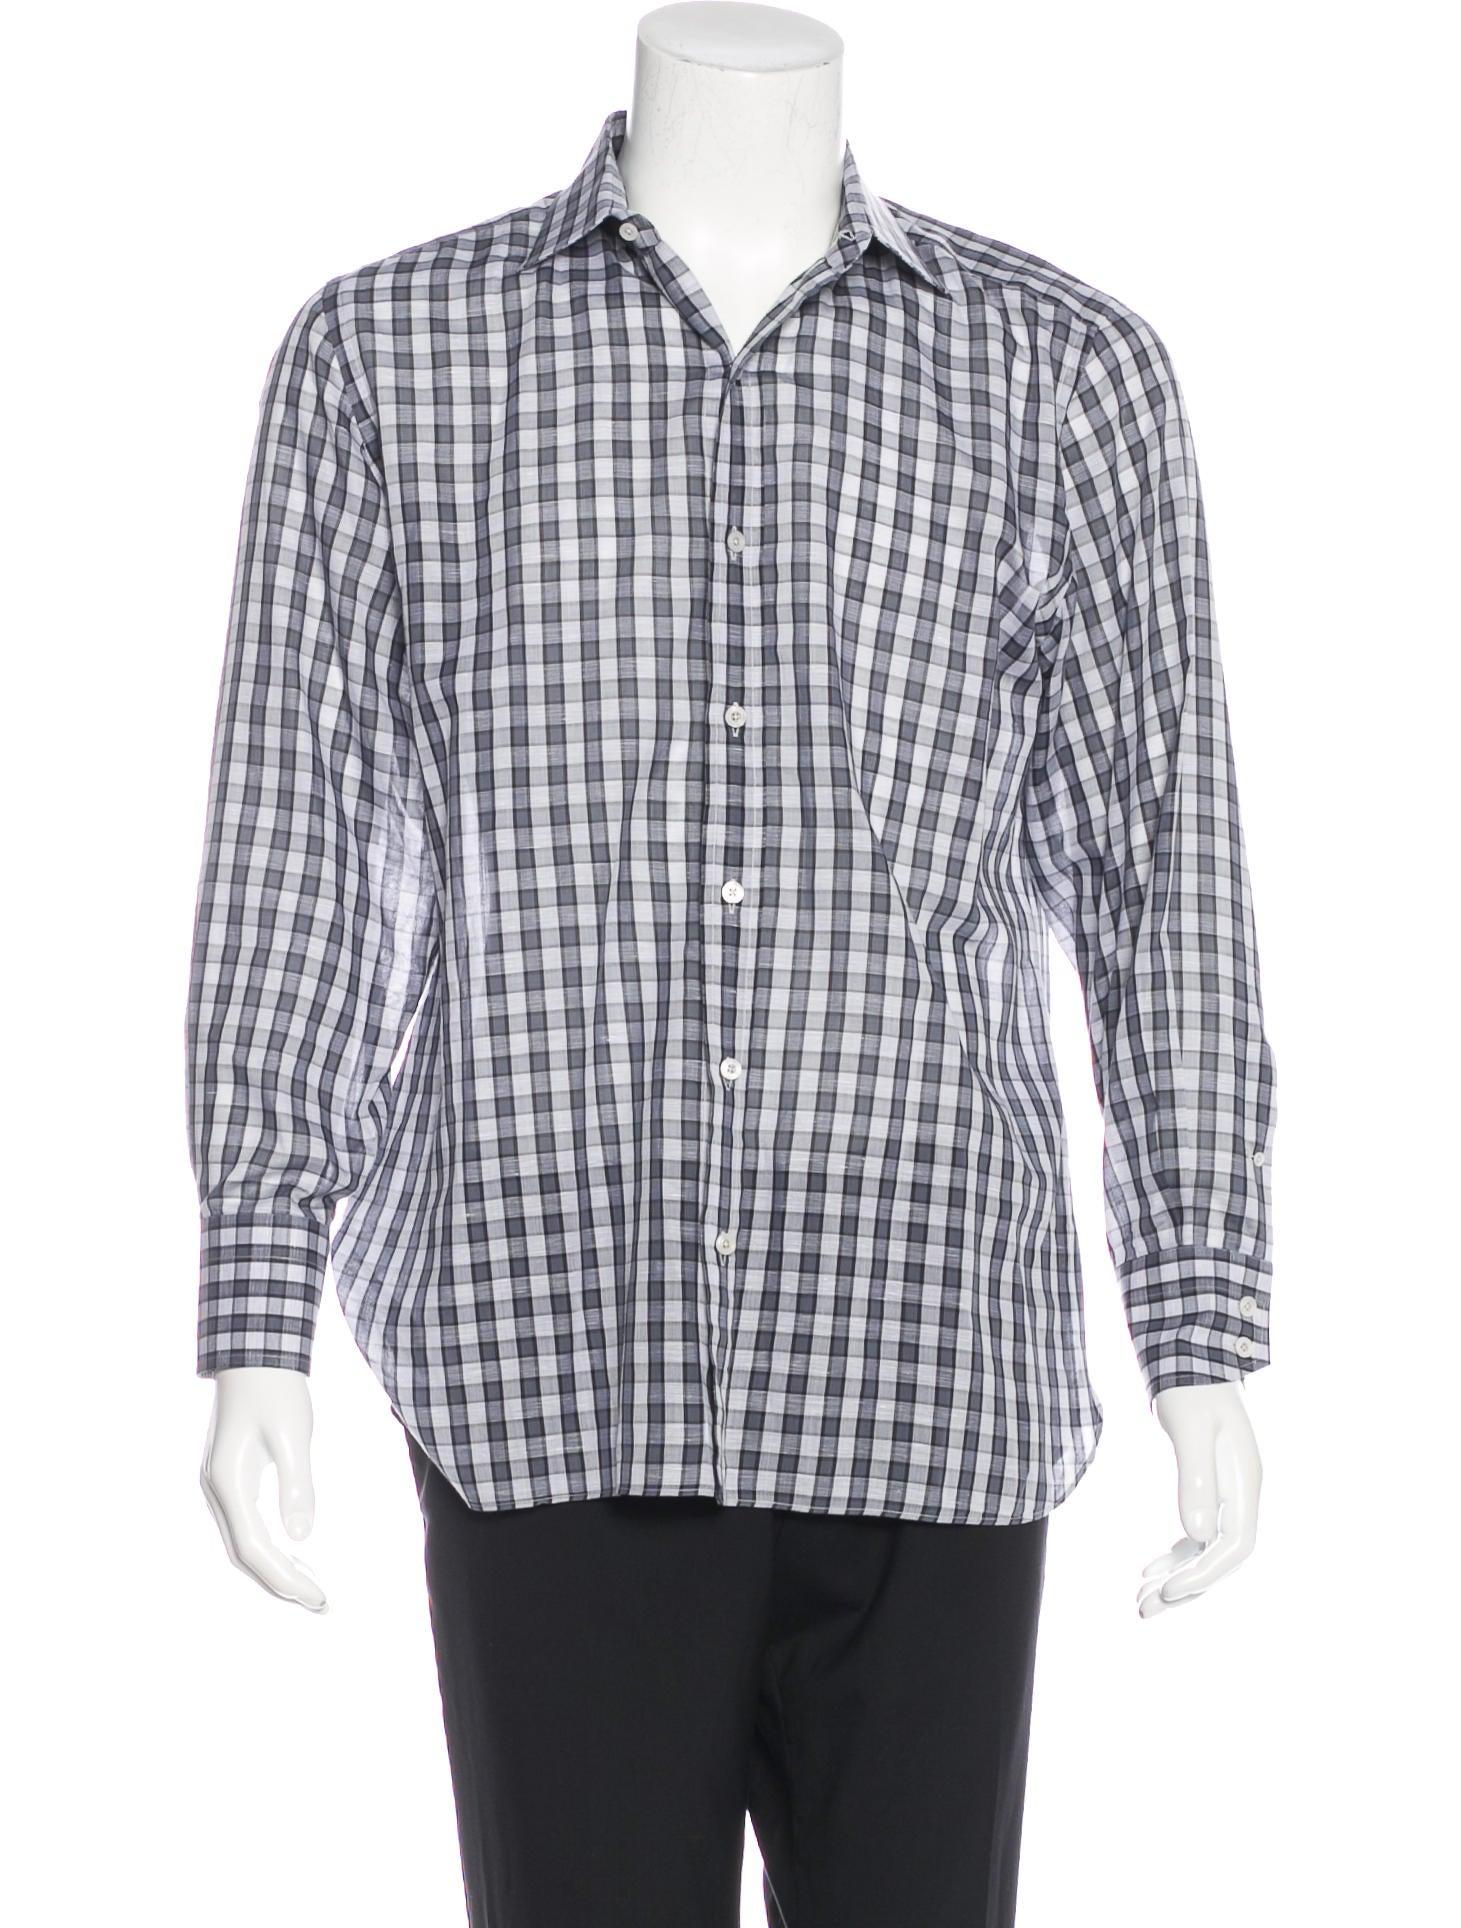 Tom ford gingham dress shirt clothing tom34615 the for Gingham dress shirt men